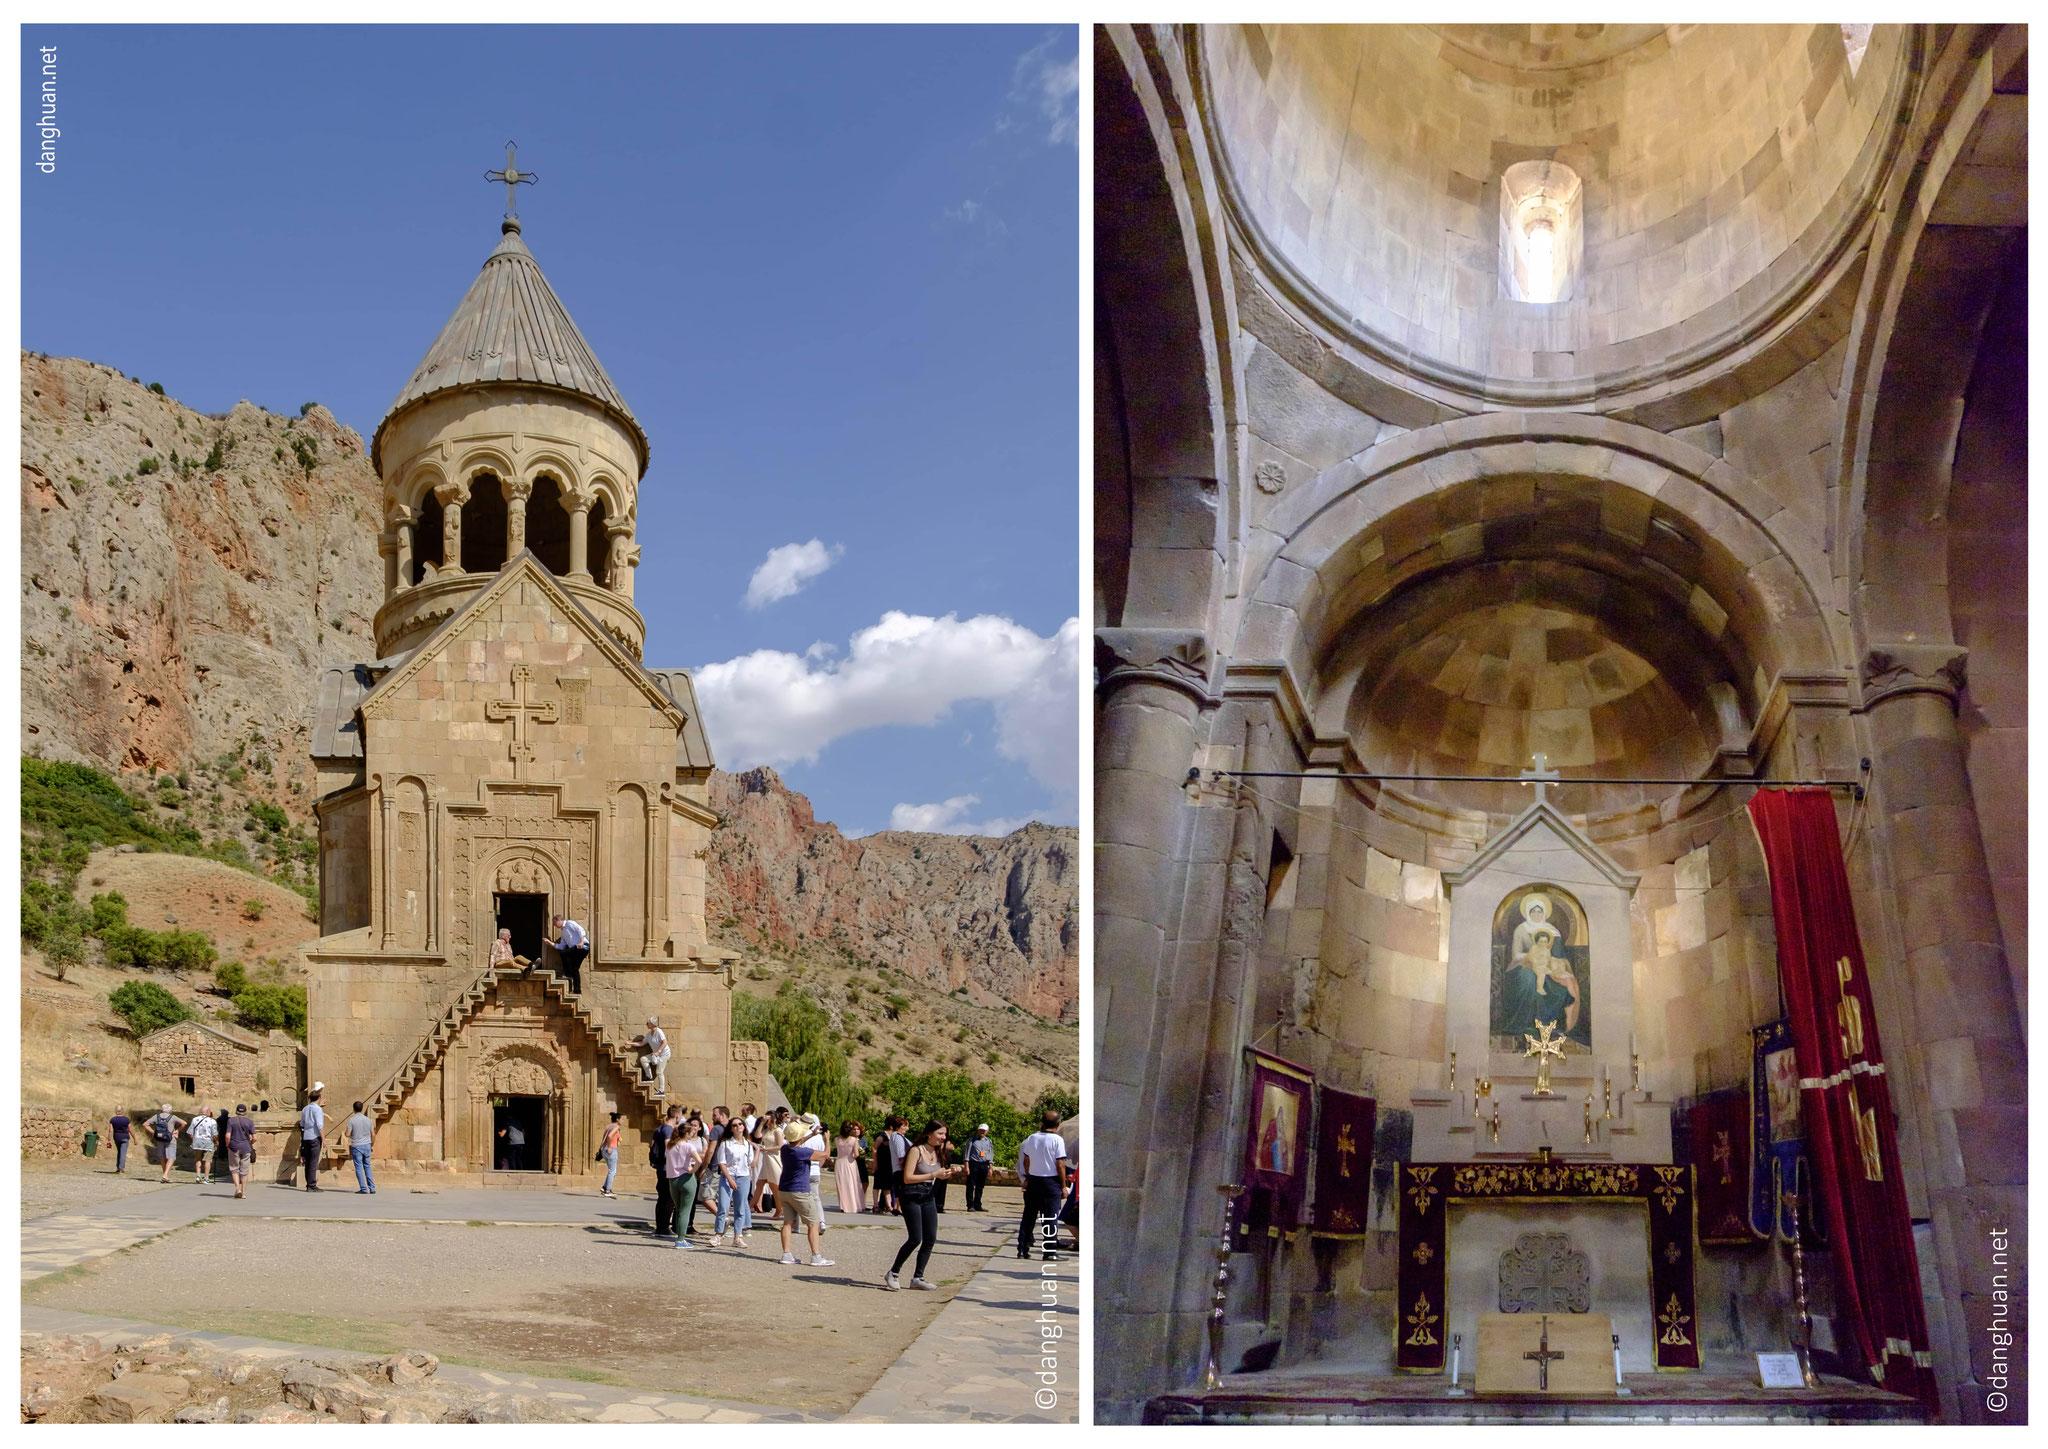 L'église principale du monastère, Saint-Jean-le-Précurseur (Sourp Karapet)...